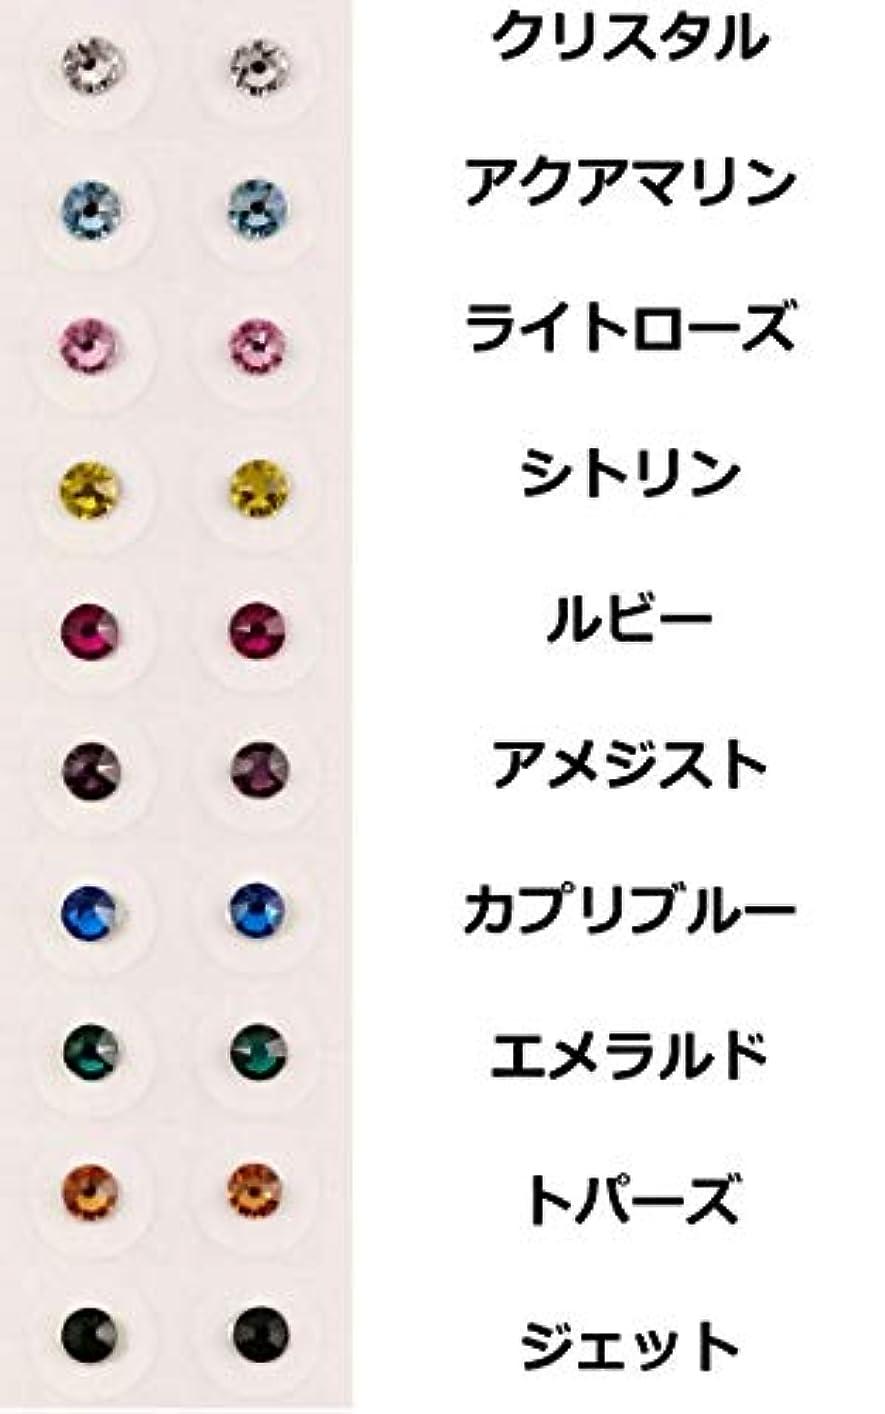 【マルチカラー/ss12/セラミック粒】耳つぼジュエリー20粒